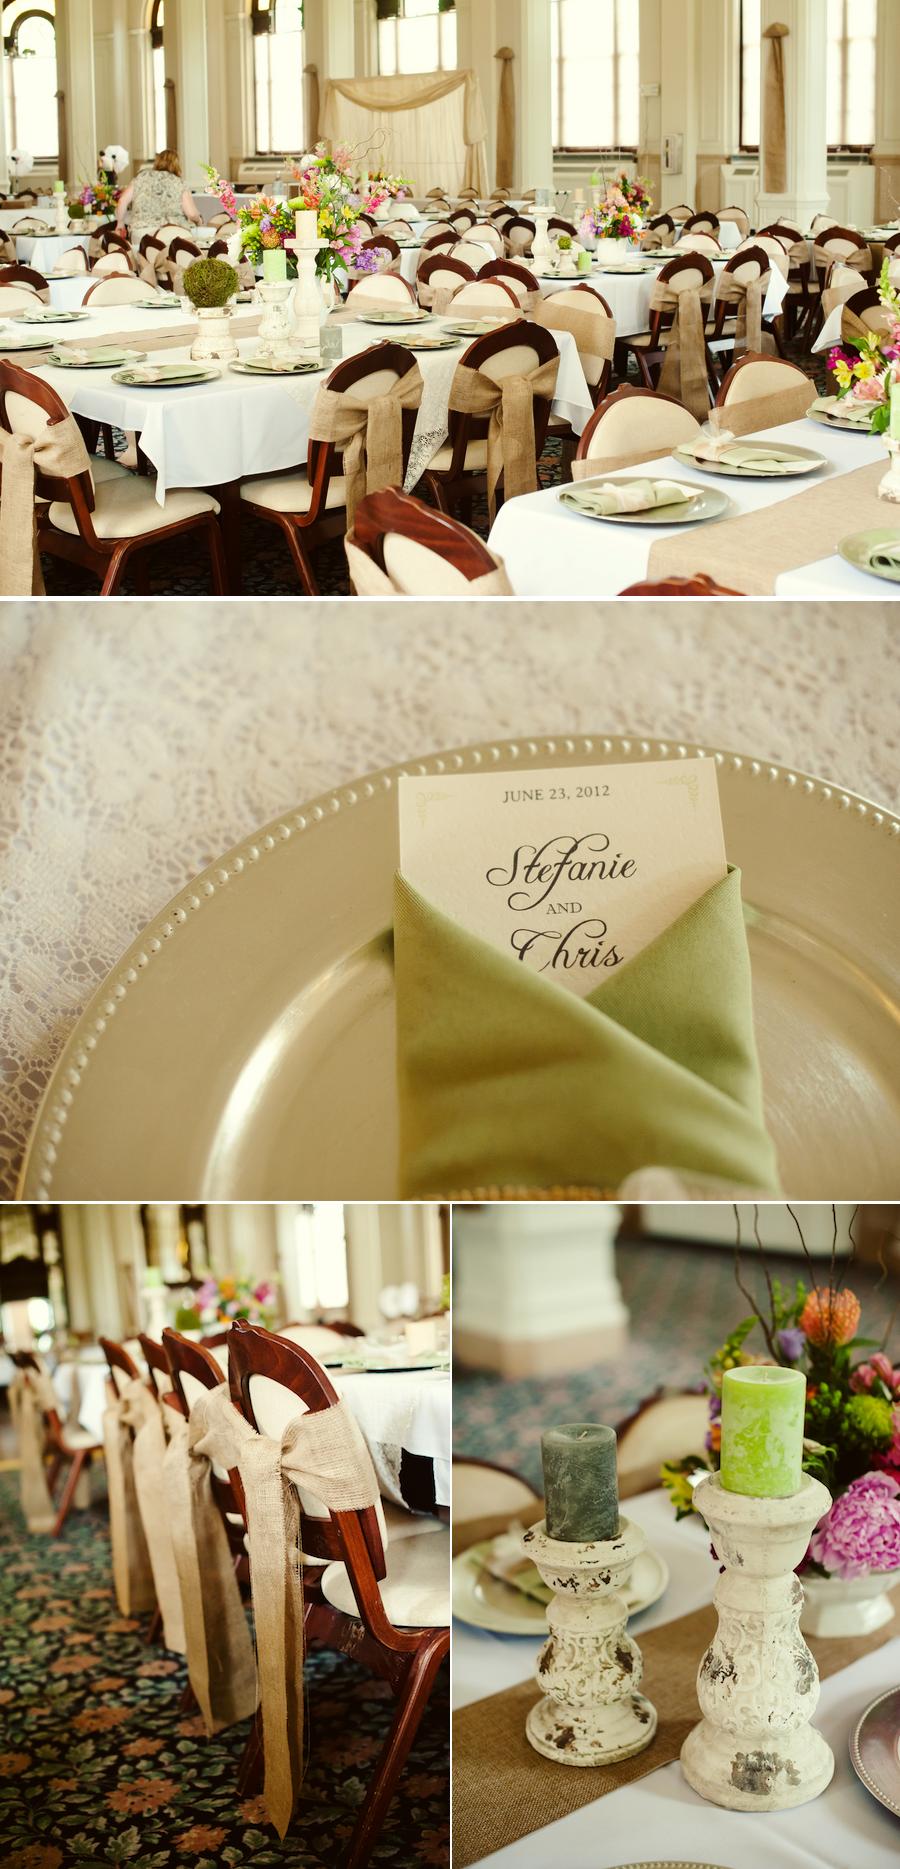 rustic elegant summer wedding decor details. Black Bedroom Furniture Sets. Home Design Ideas